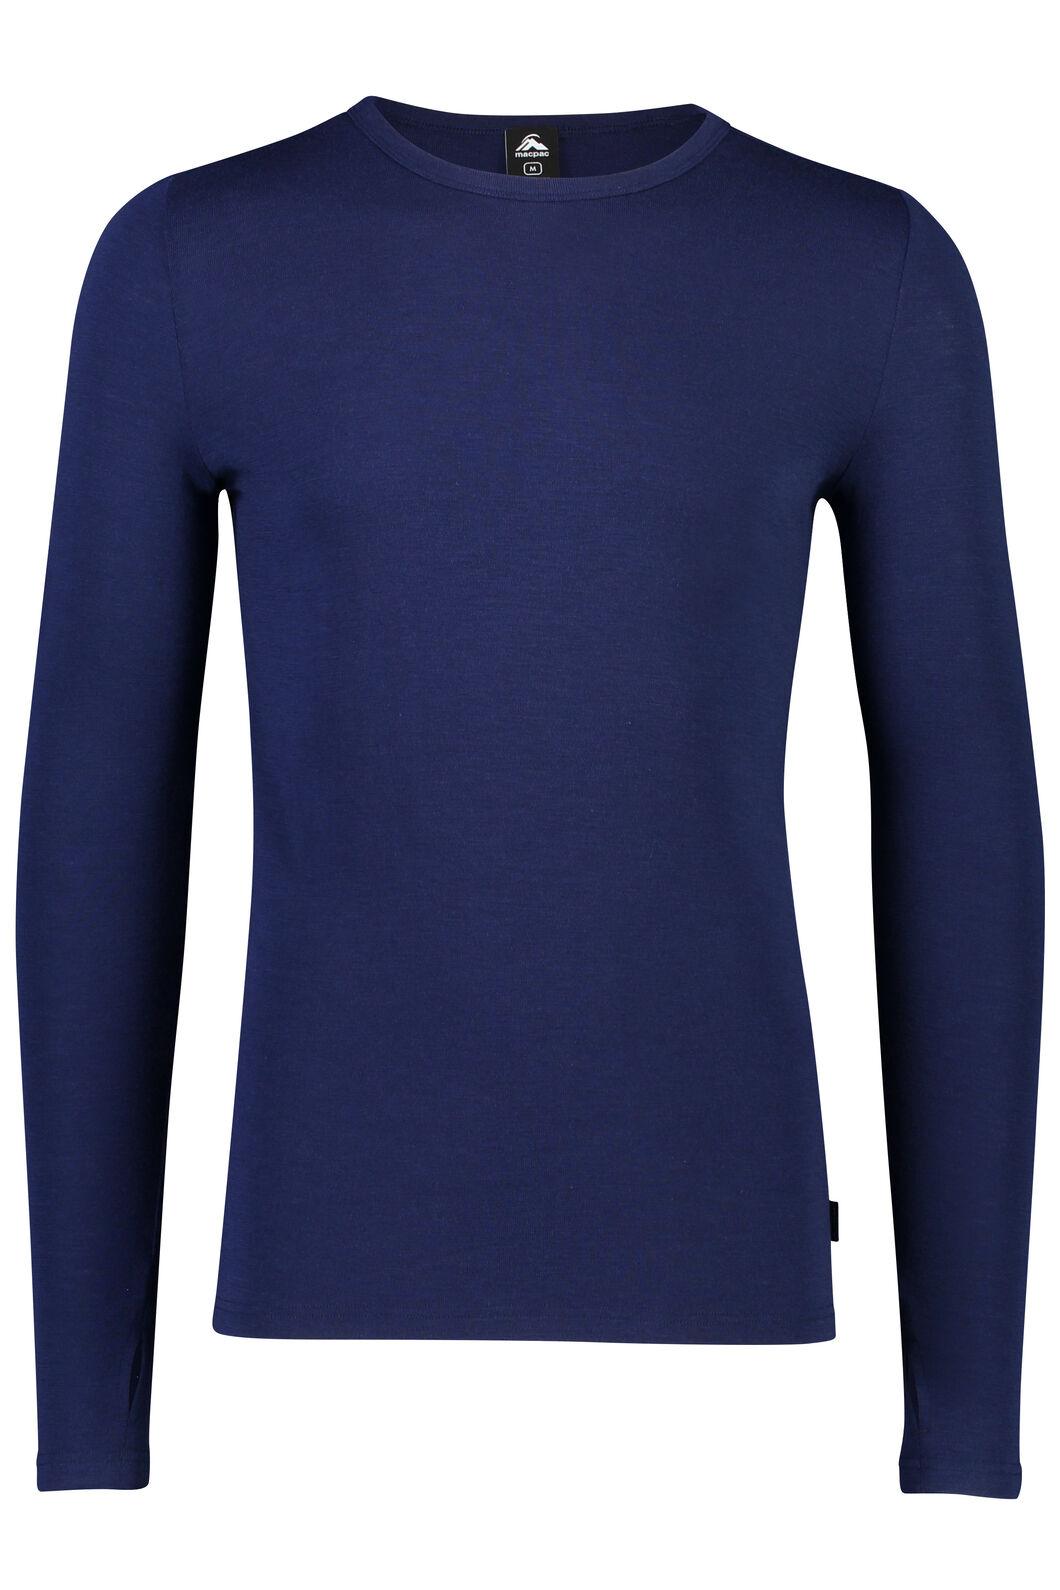 Macpac 220 Merino Long Sleeve Top - Men's, Medieval Blue, hi-res